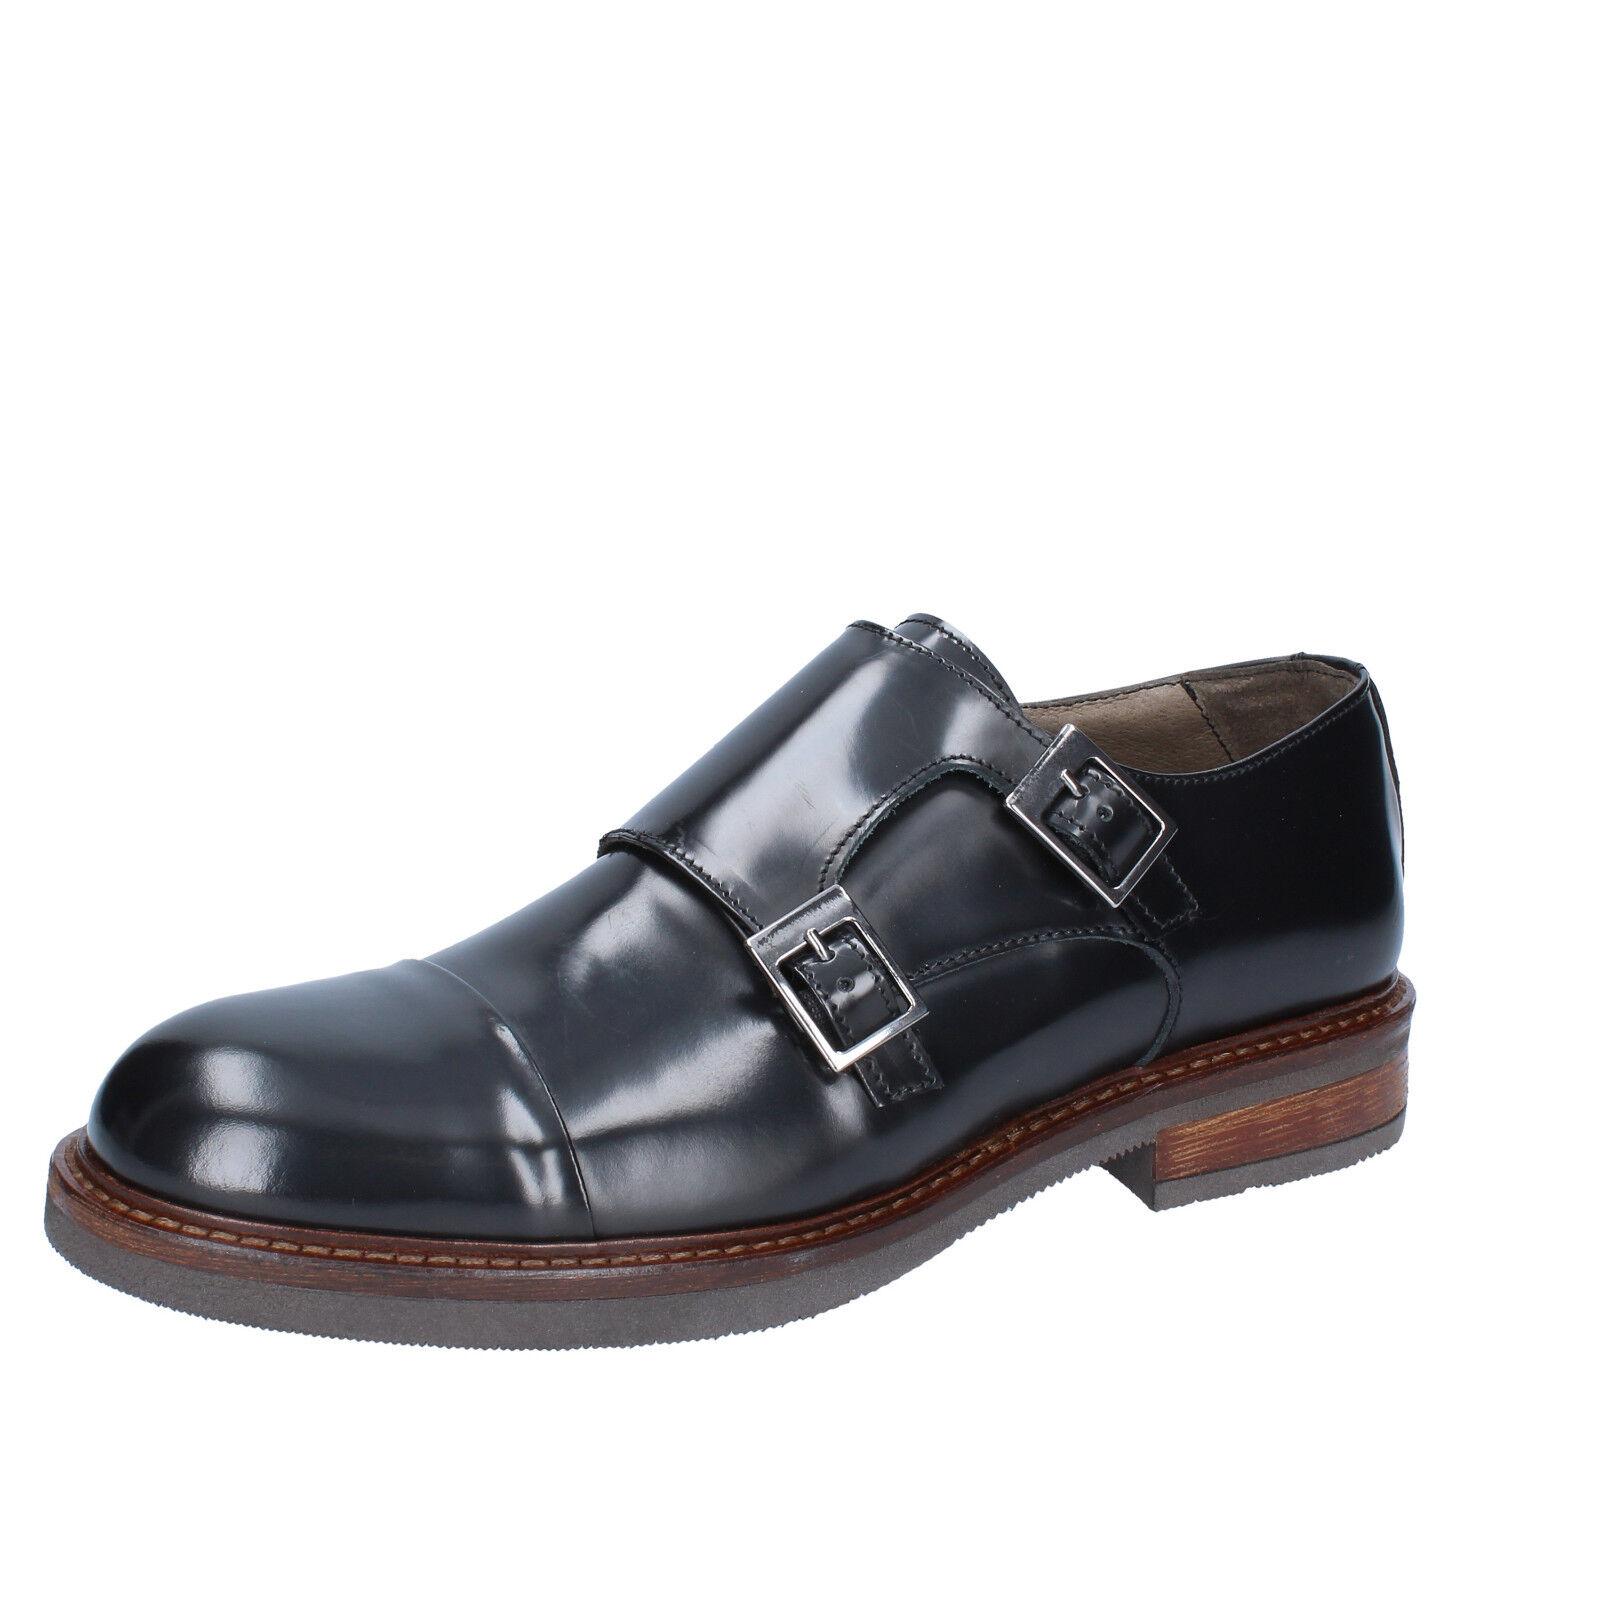 Scarpe uomo FDF SHOES 43 EU classiche nero pelle lucida BZ333-E